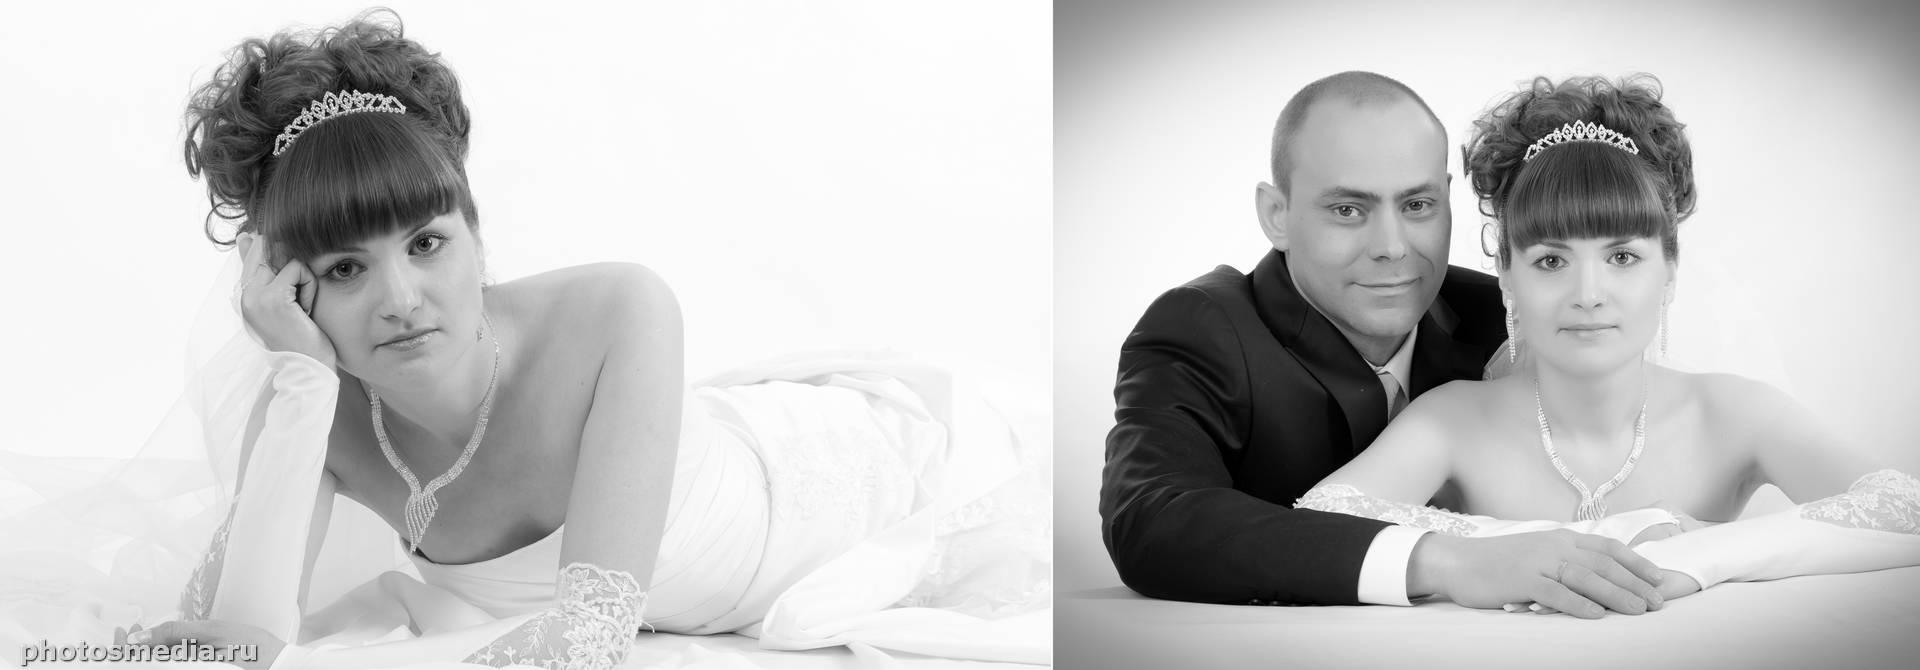 Свадебная фотография. Фотограф Вадим Кукшинов